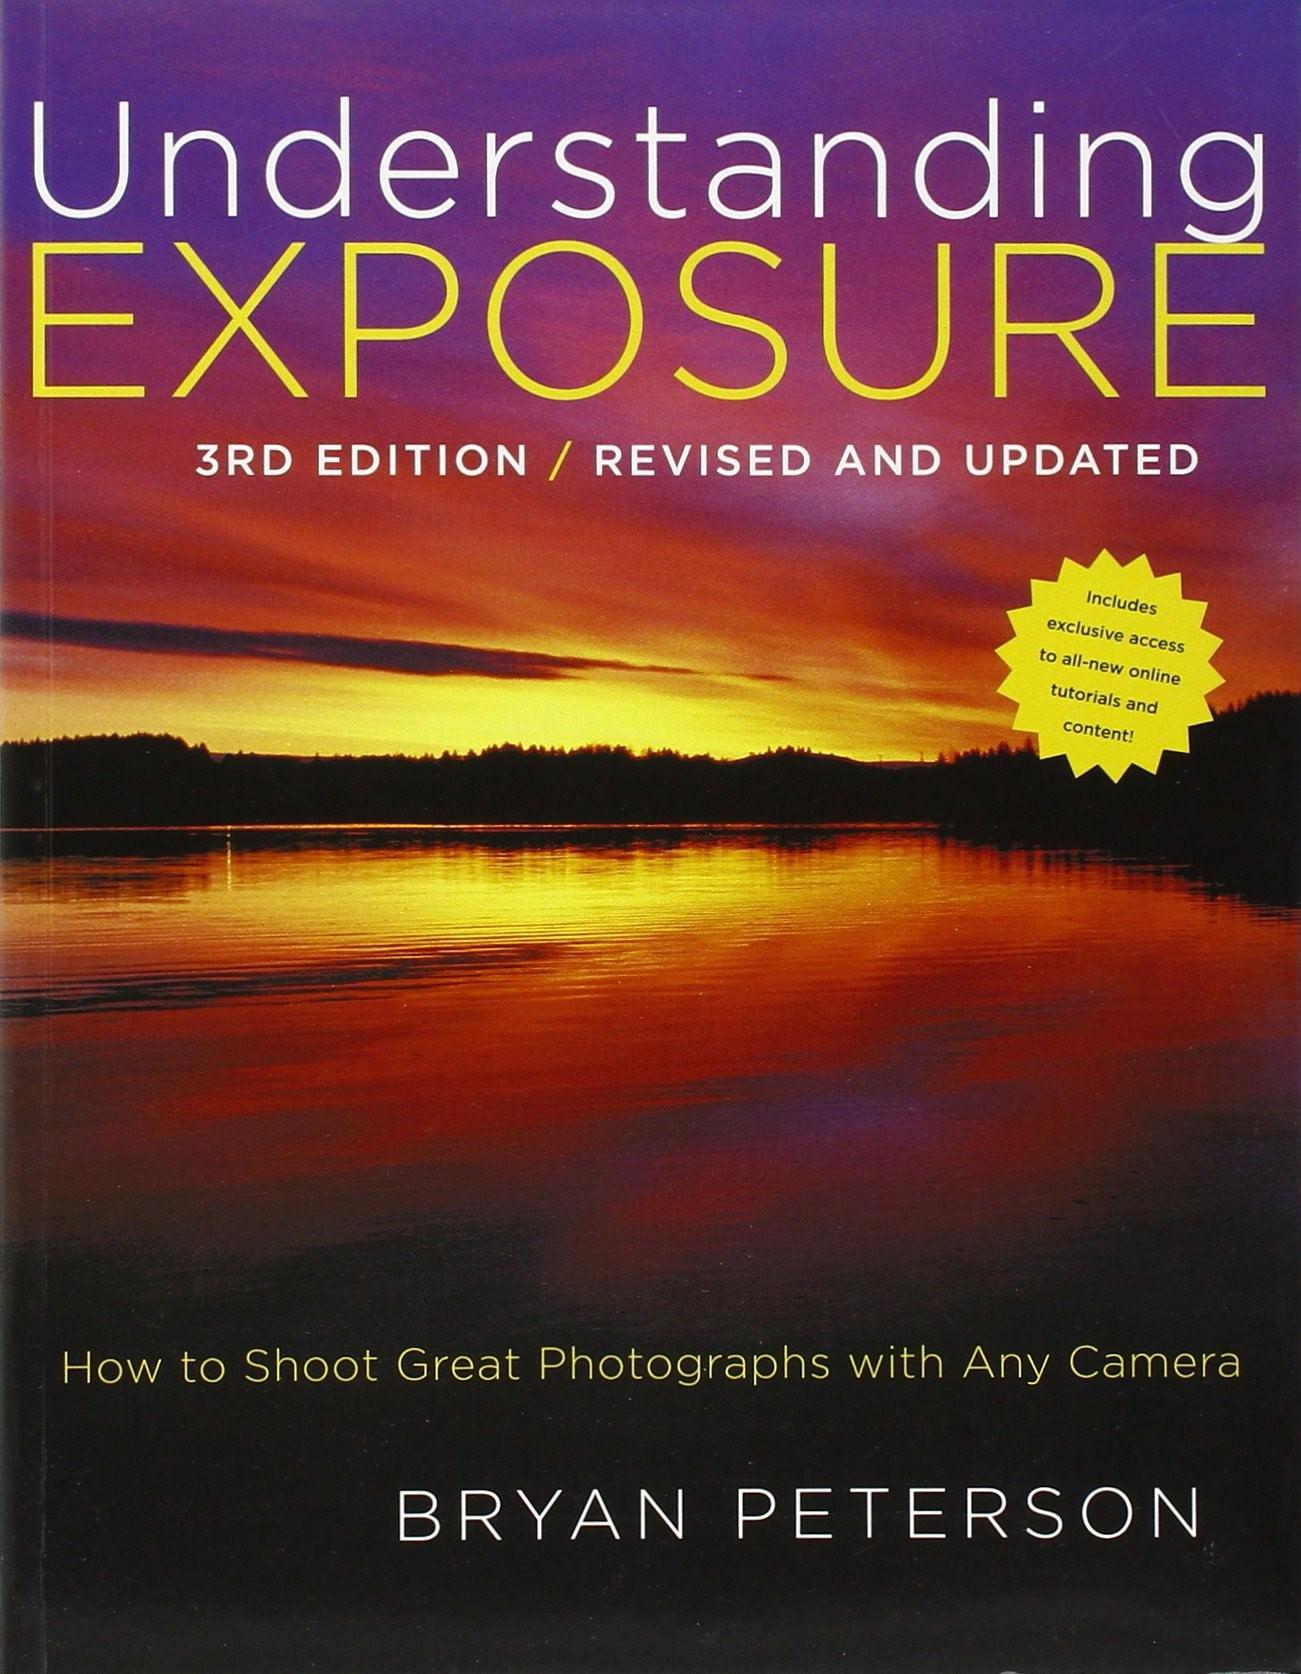 understanding exposure book cover image